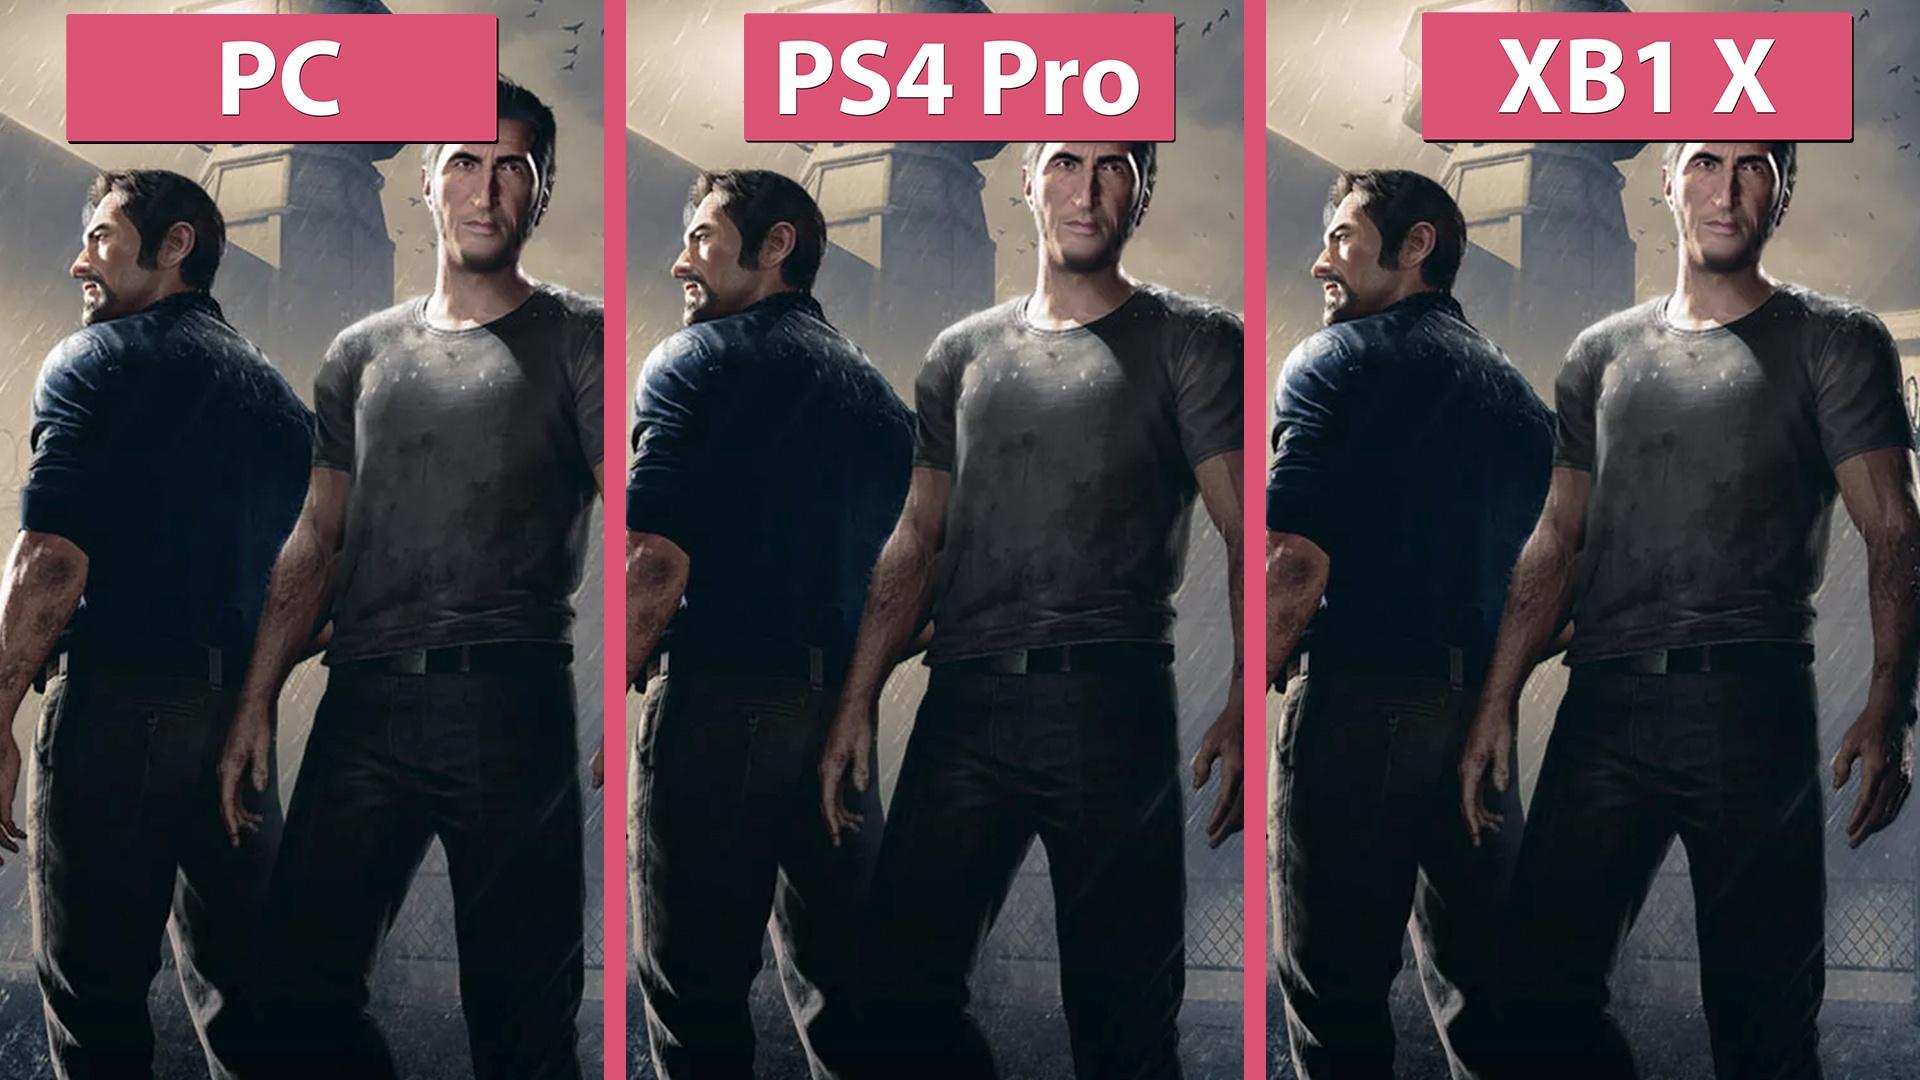 A Way Out Pc Max Gegen Ps4 Pro Und Xbox One X Im Vergleich Gamestar